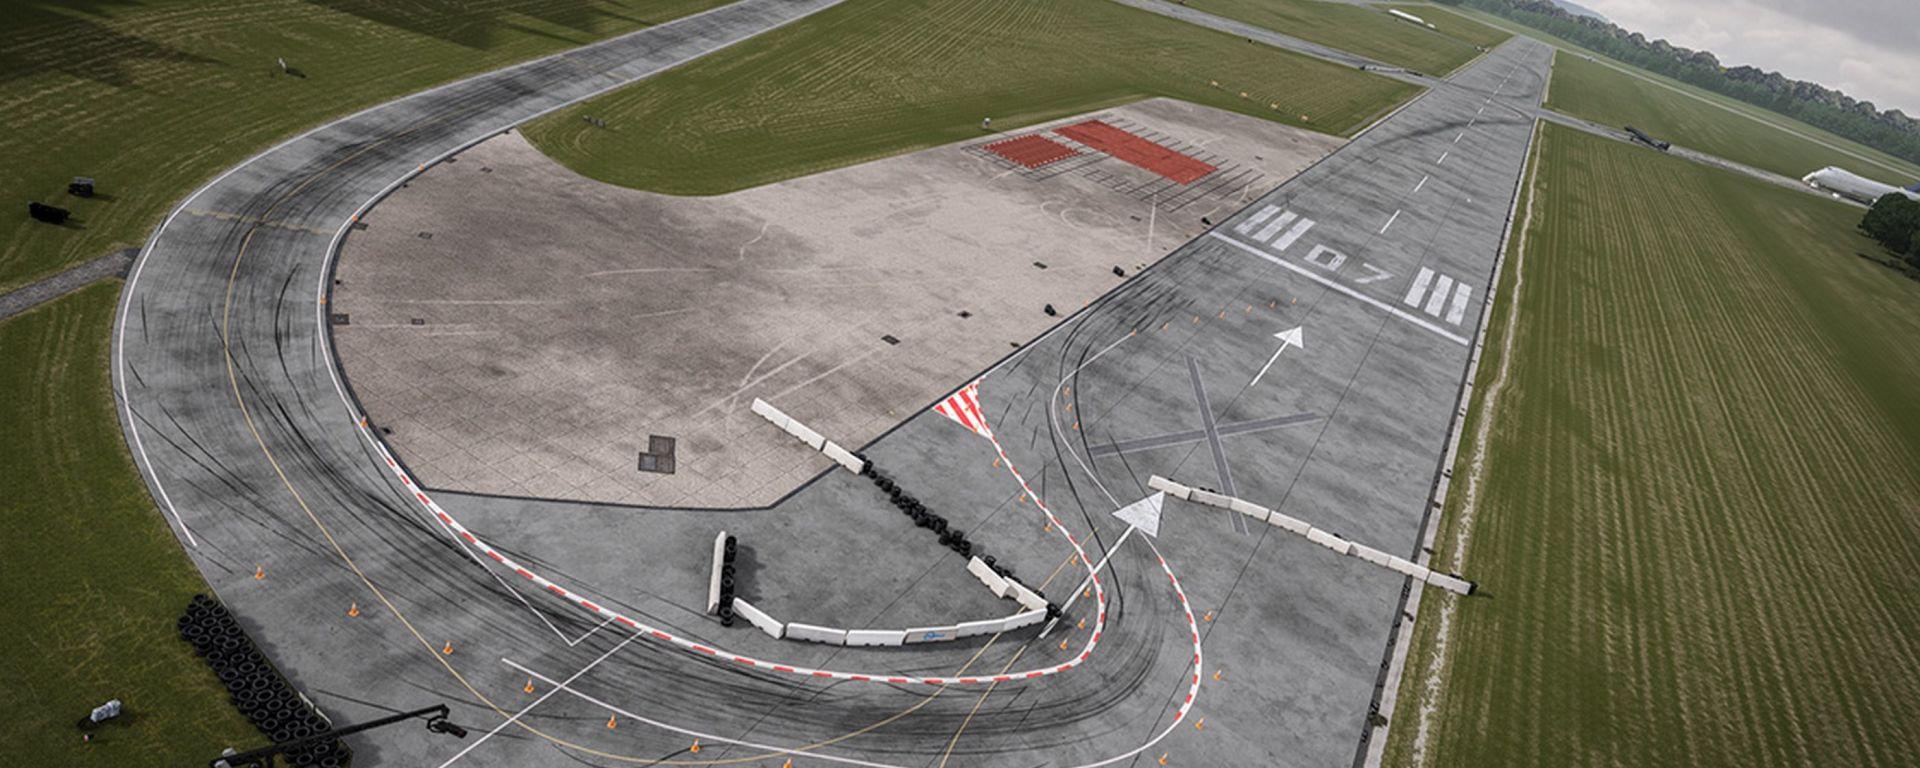 L'Aerodrome di Dunsfold di Top Gear è diventato così celebre da essere inserito anche nella serie di videogames di Forza Motorsp